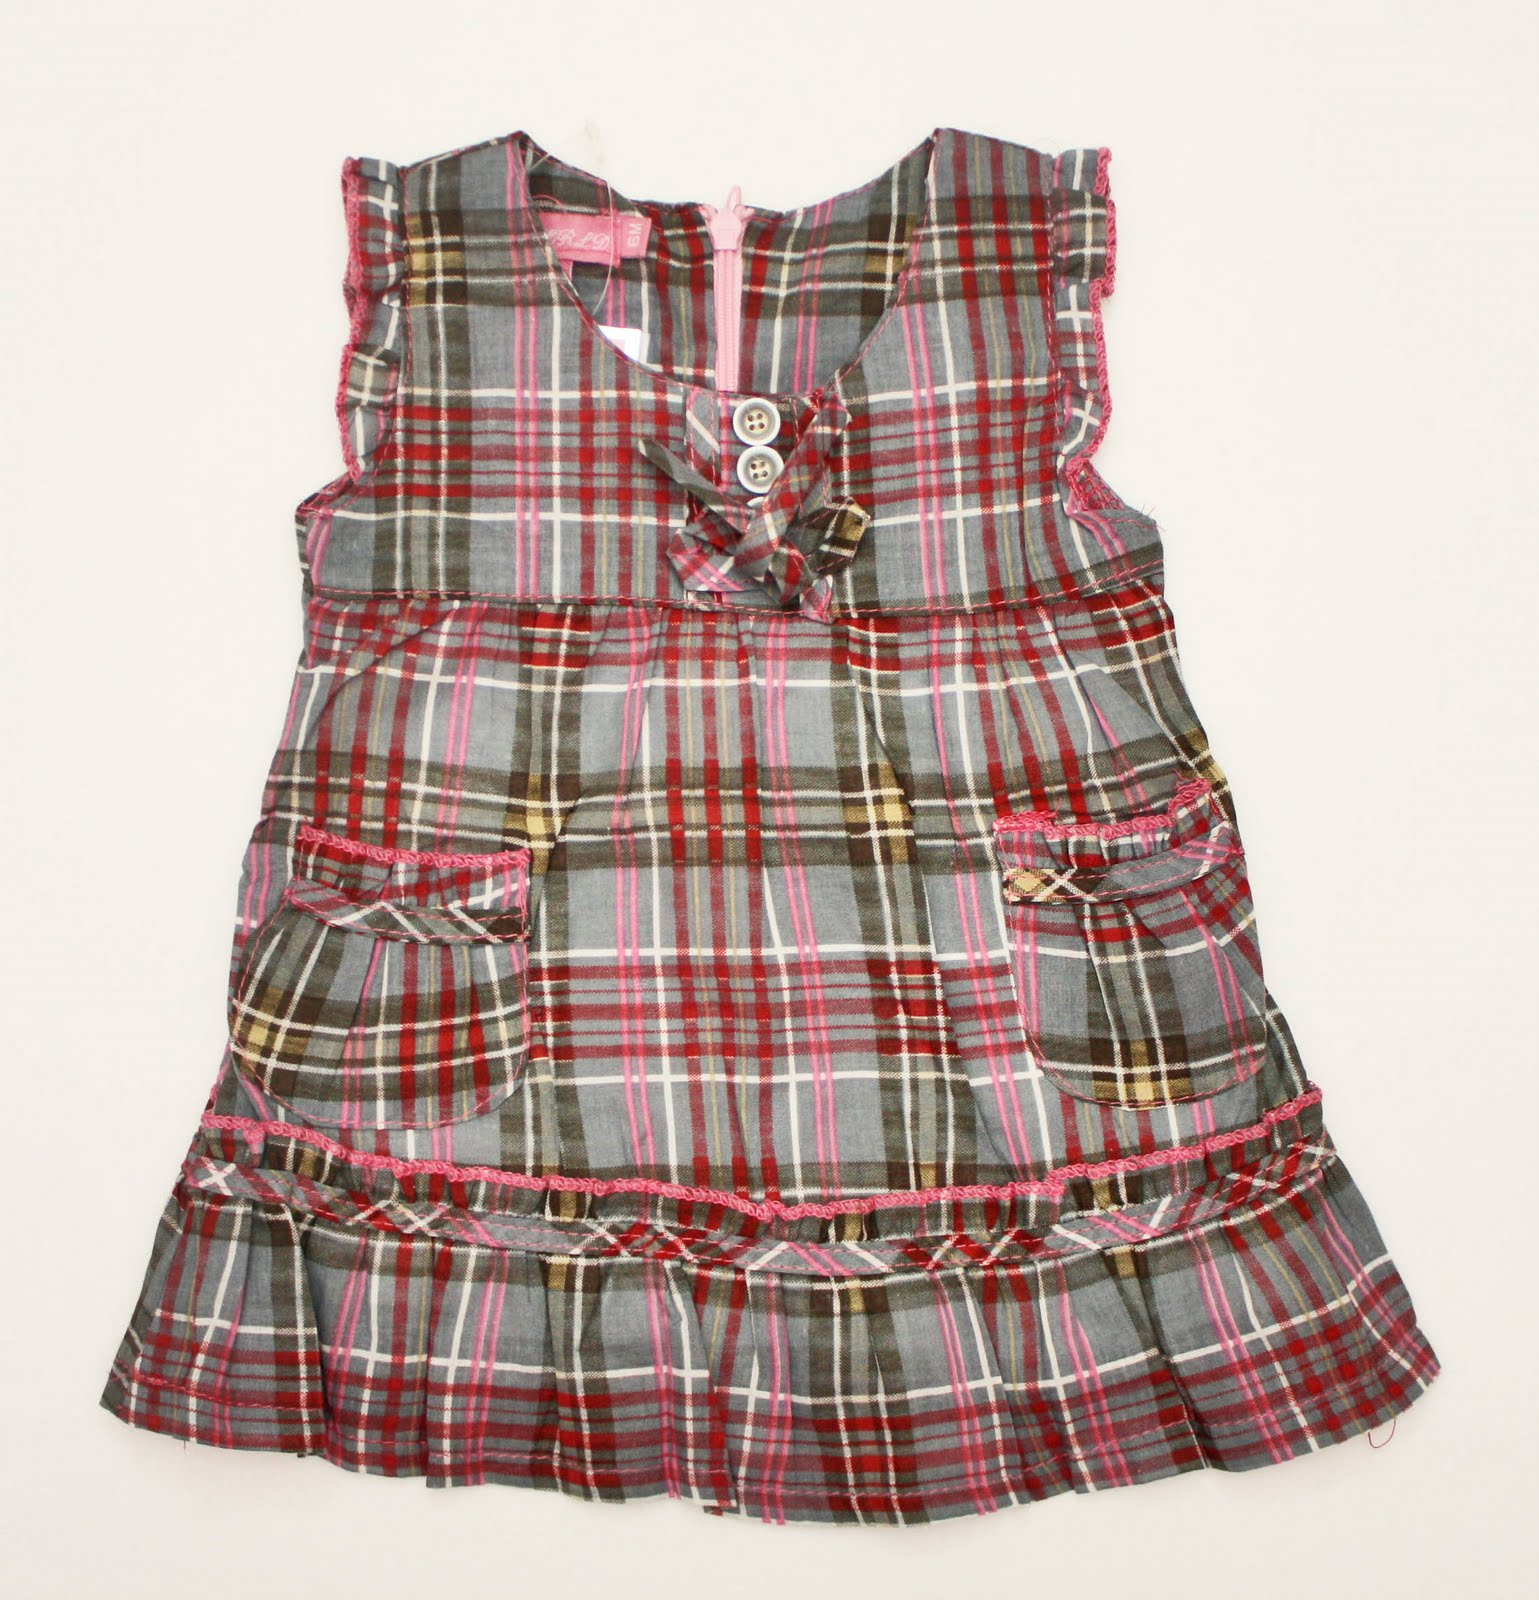 My Fashion Palace Designer Kids Clothing